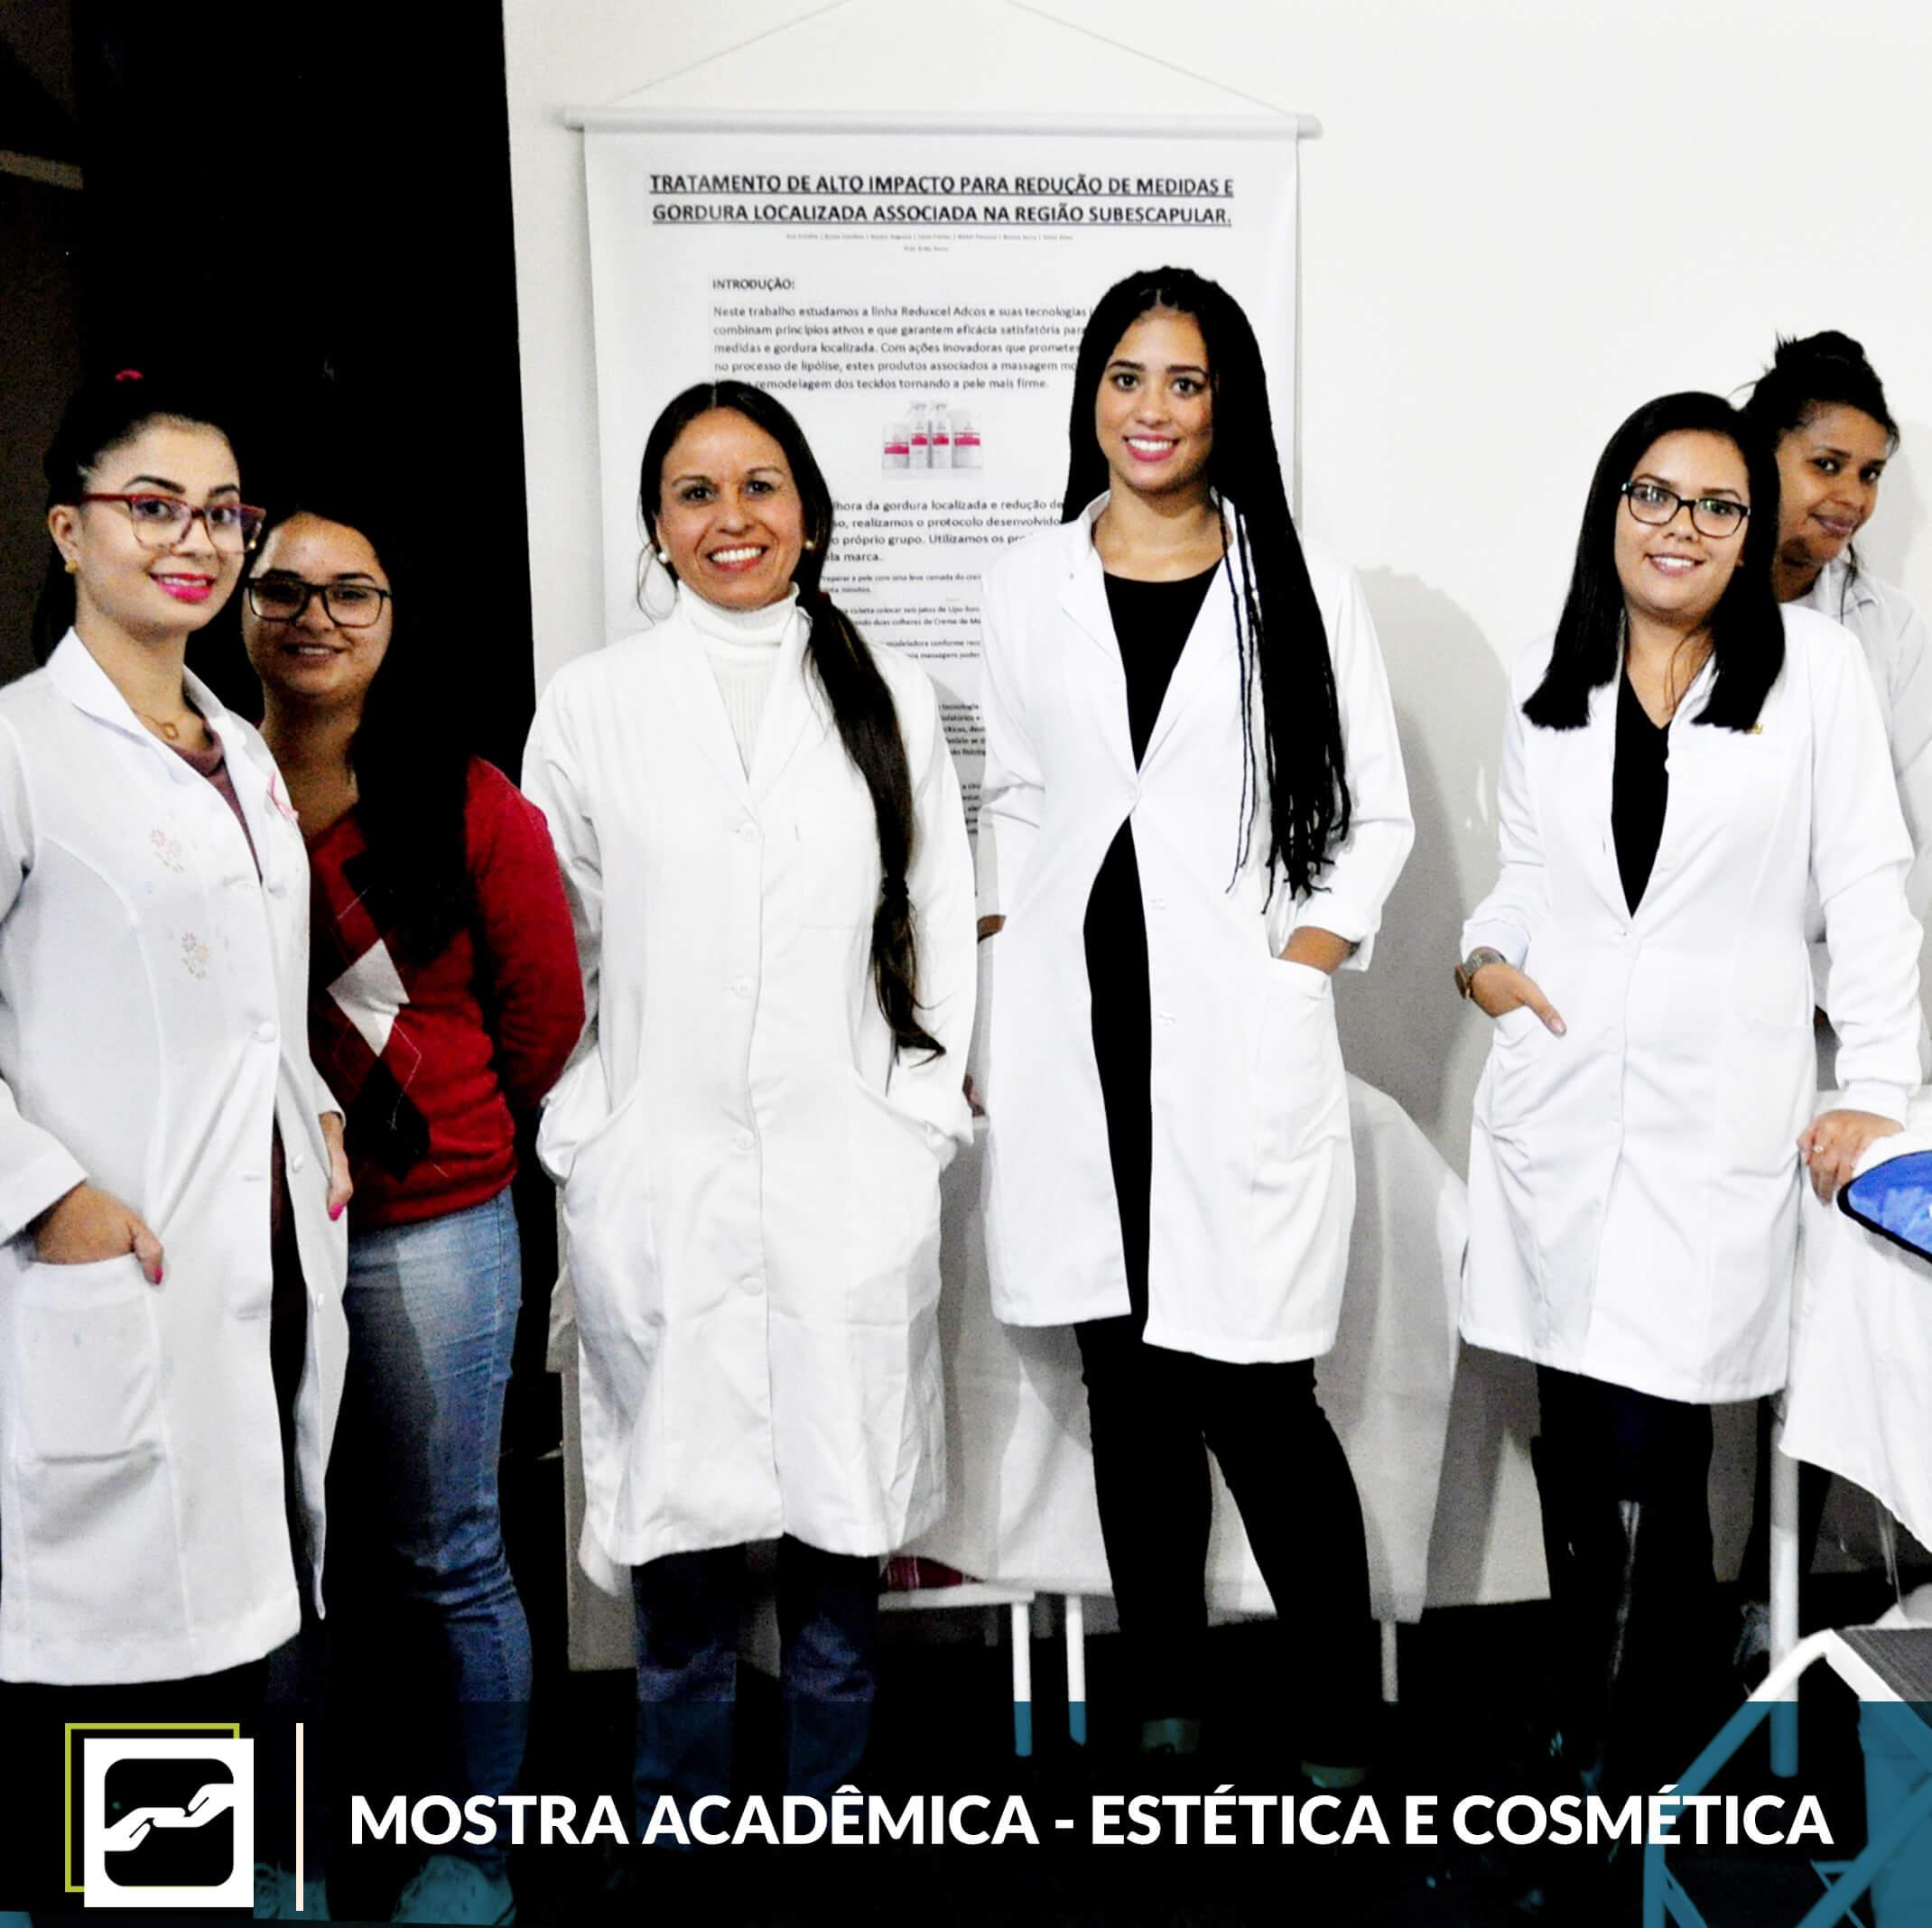 mostra-academia-estetica-cosmetica-famesp-38